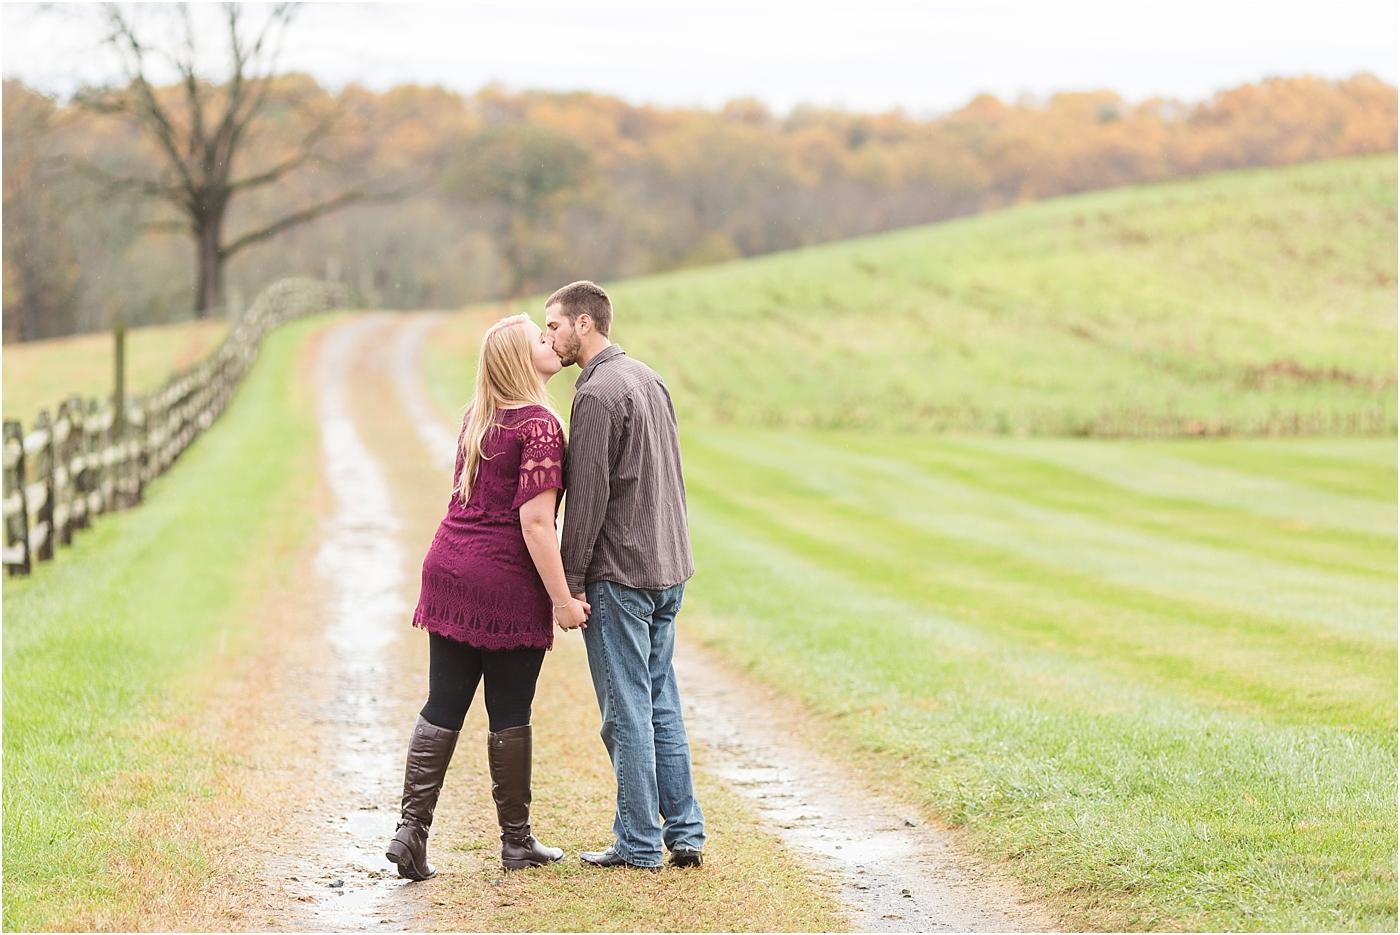 Maryland-Engagement-Photographer-9.jpg